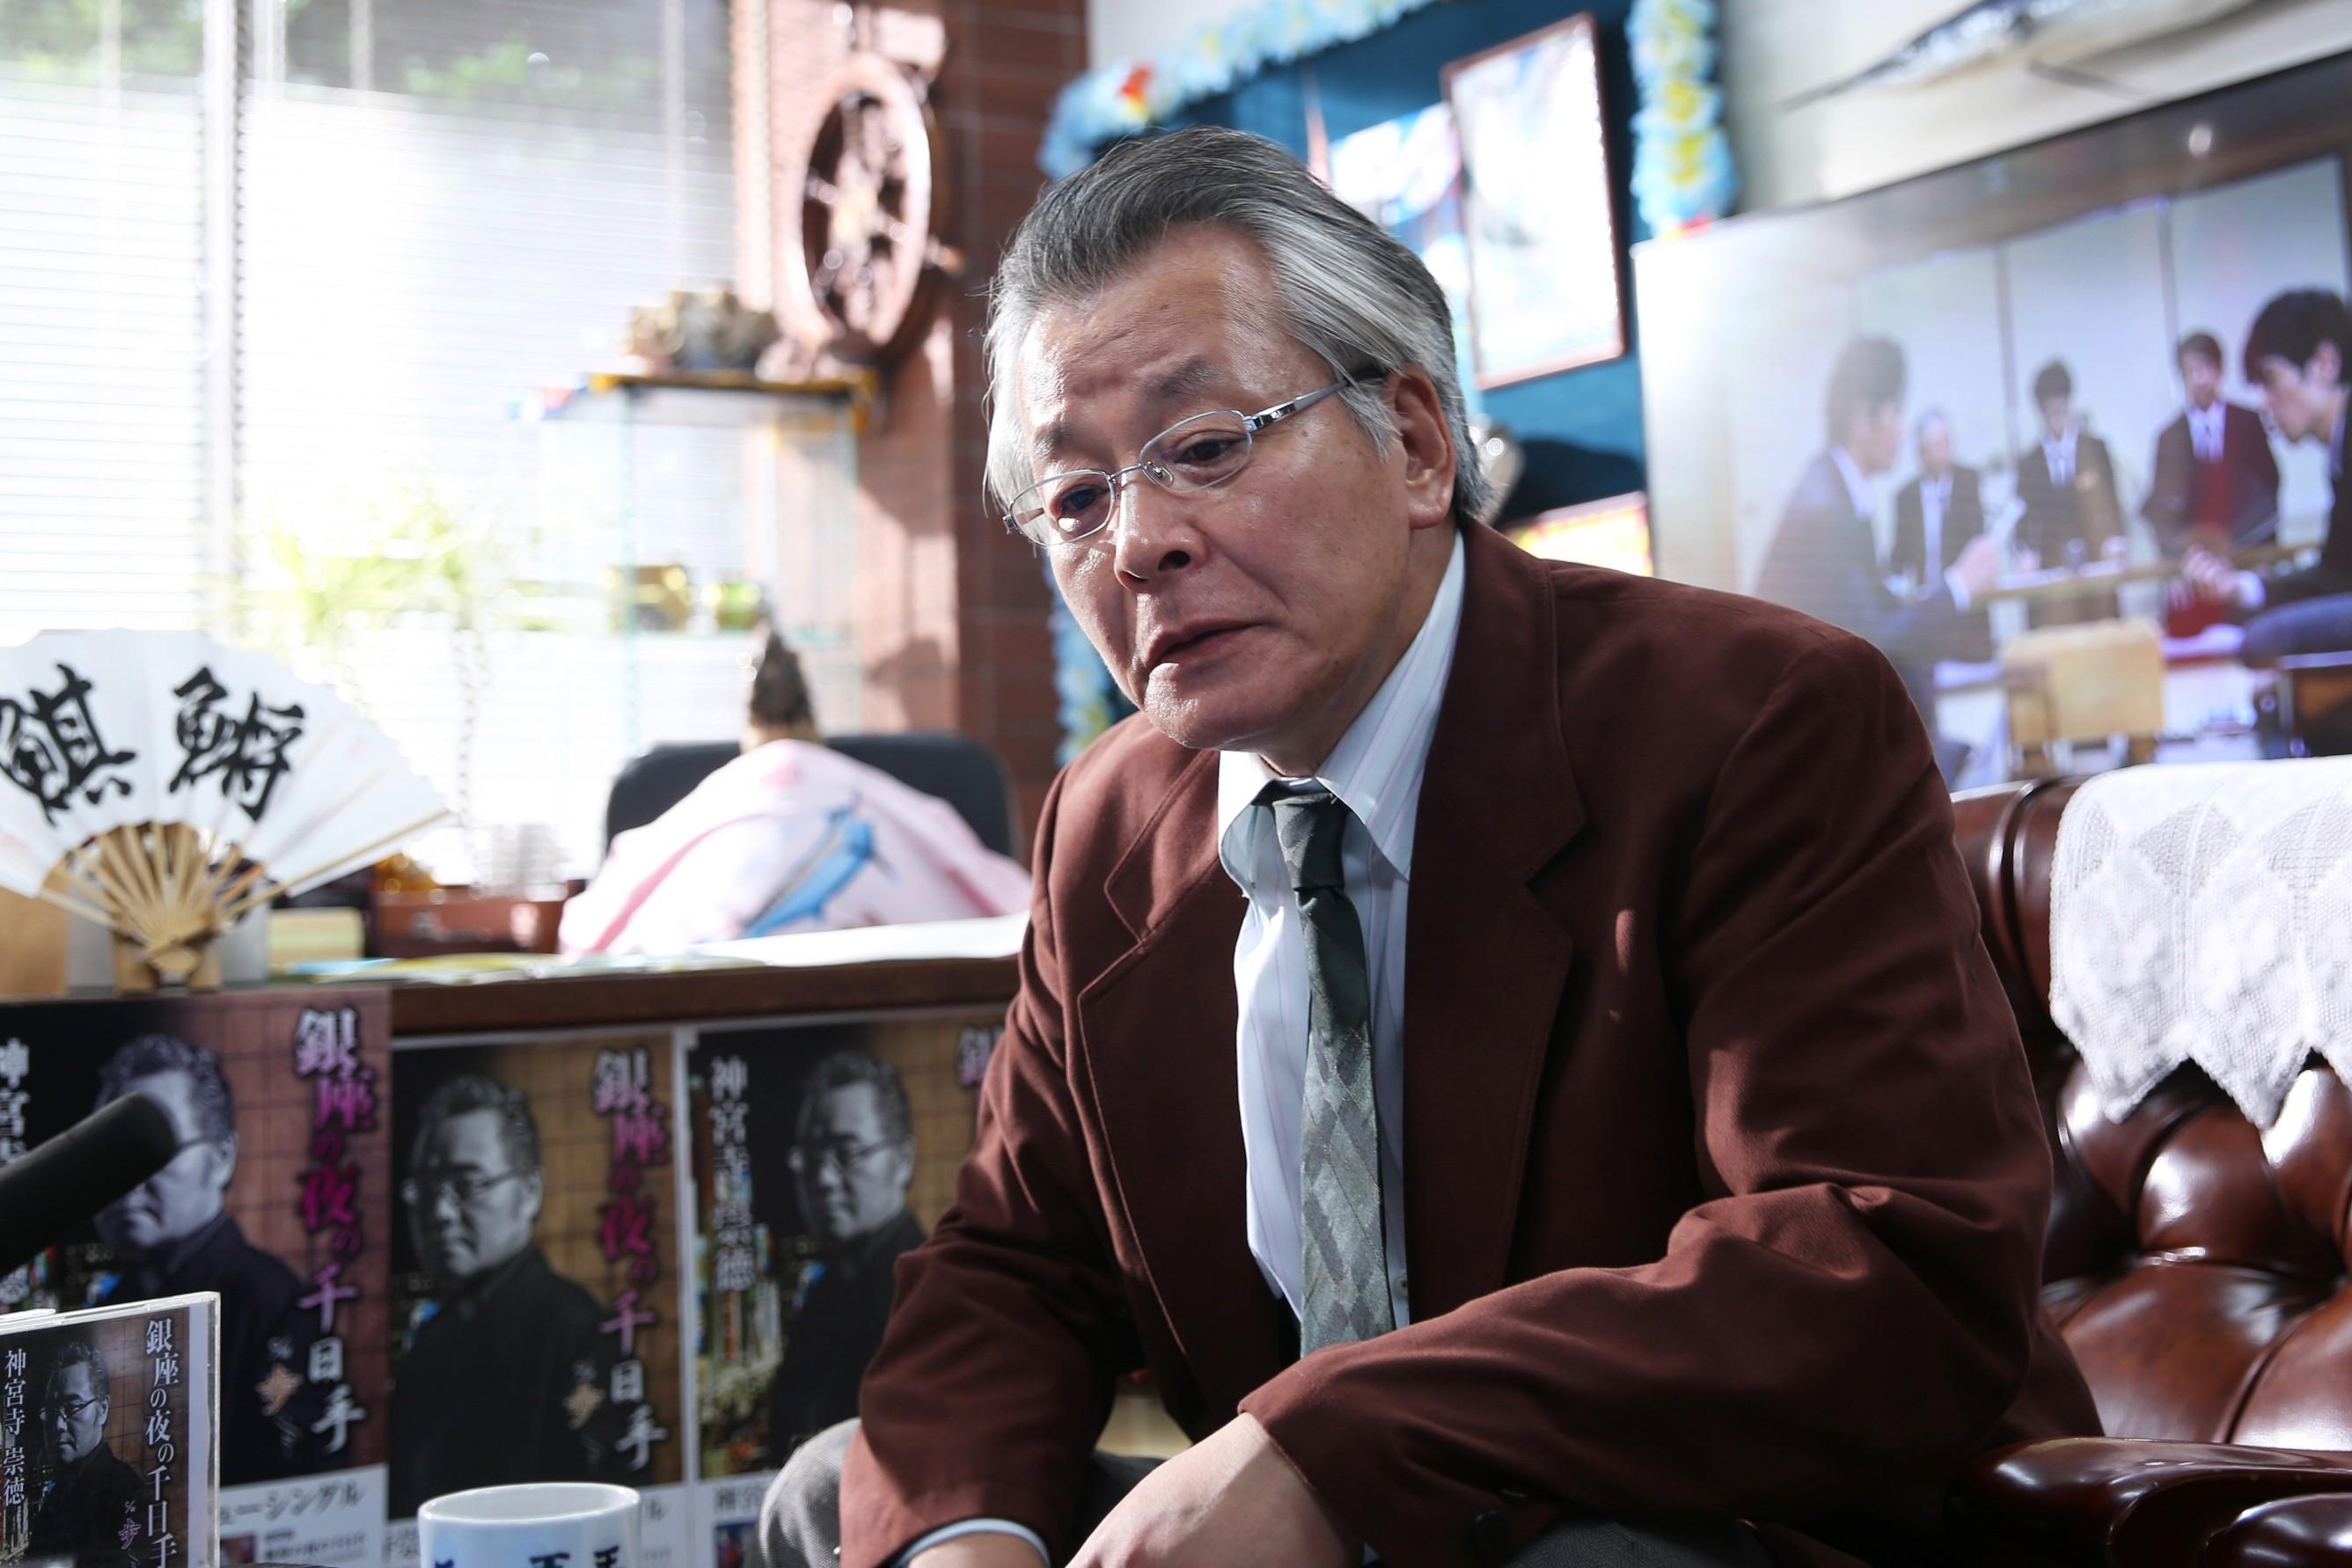 柳原朔太郎(斉木しげる) (C)2017 映画「3月のライオン」製作委員会